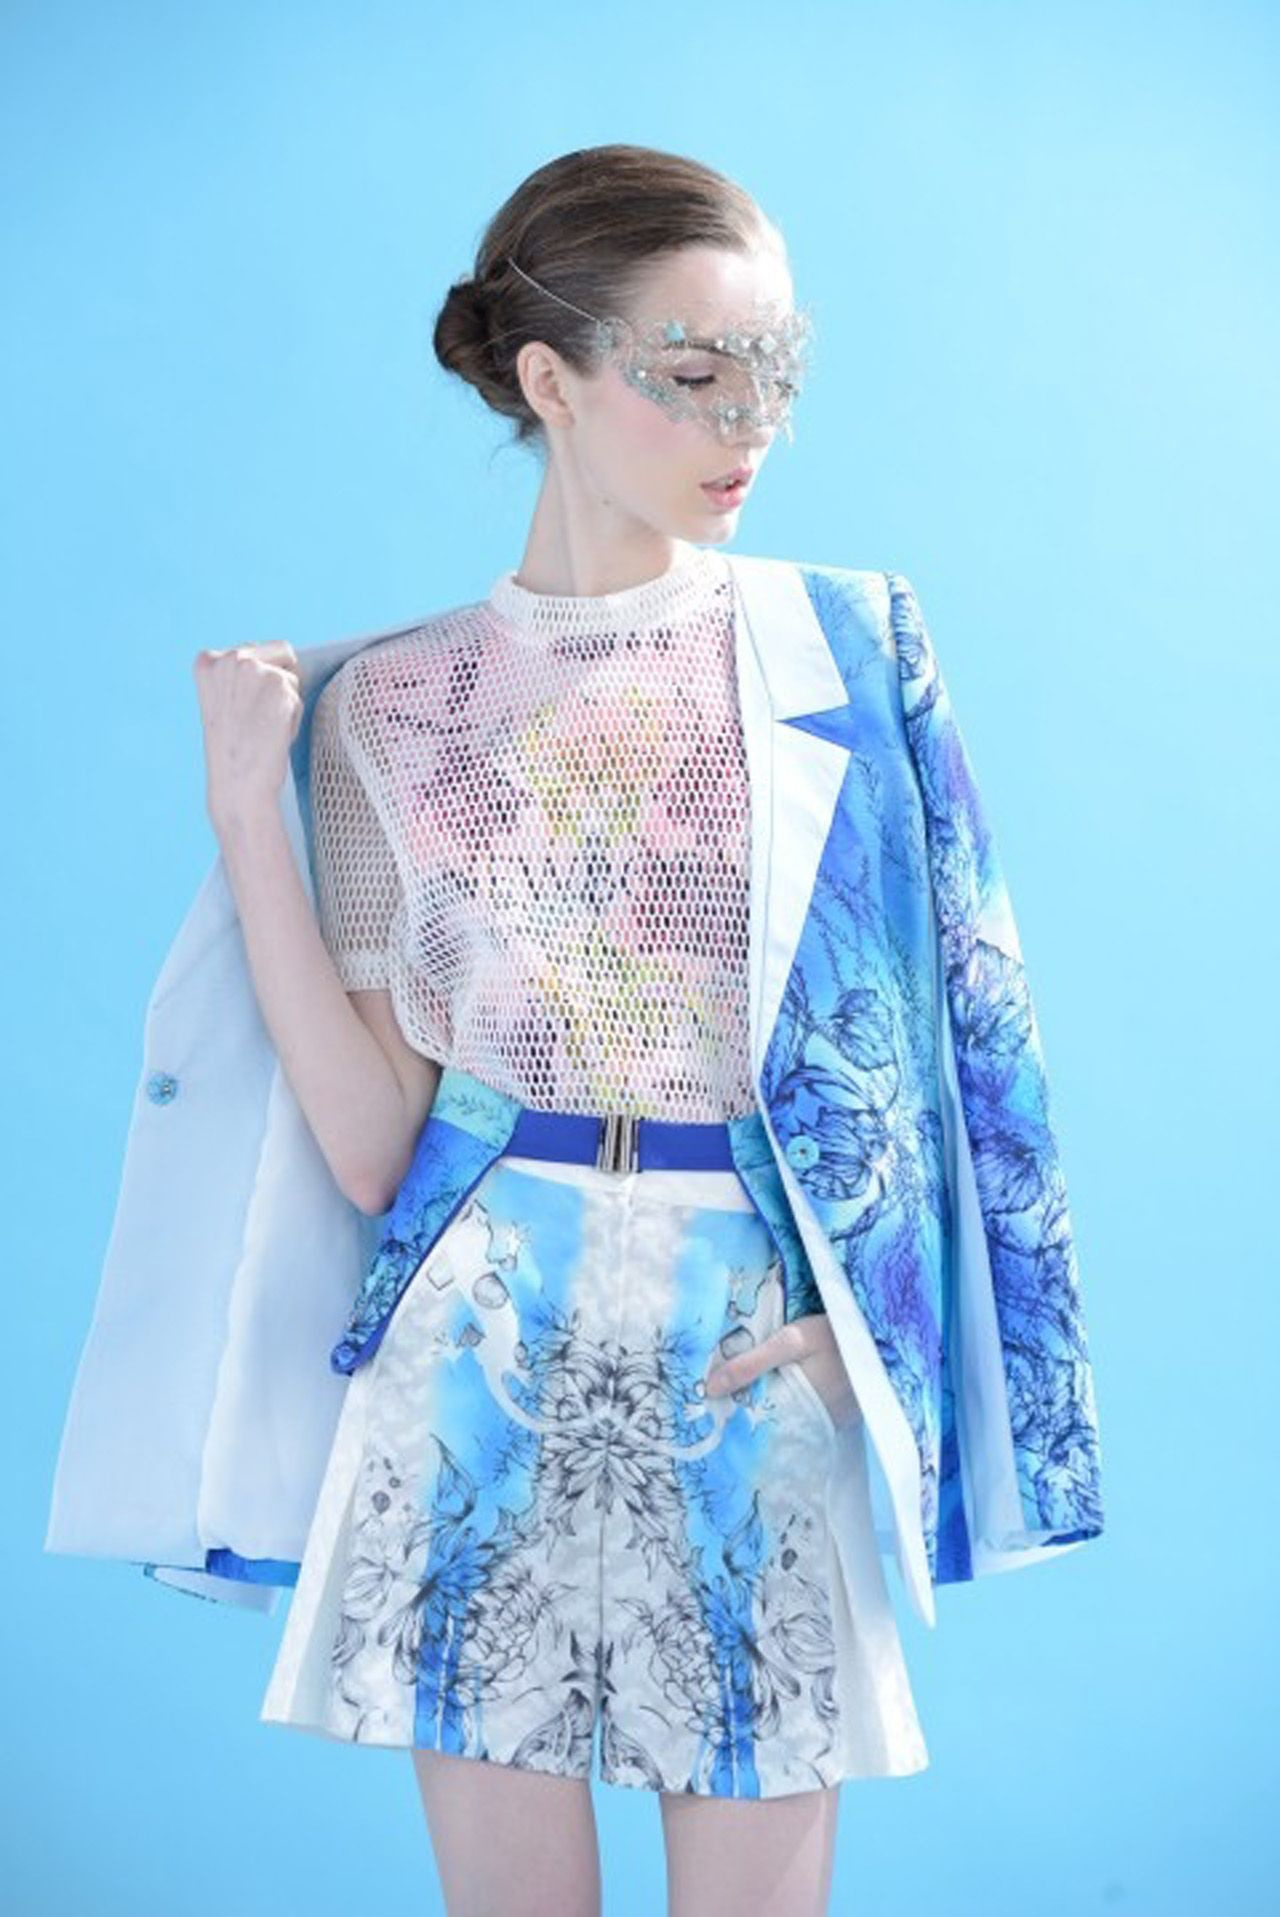 台北魅力展(TIS)秋季展帶來13場精彩主題式時尚秀,地點為松山文創園區二號倉庫.JPG